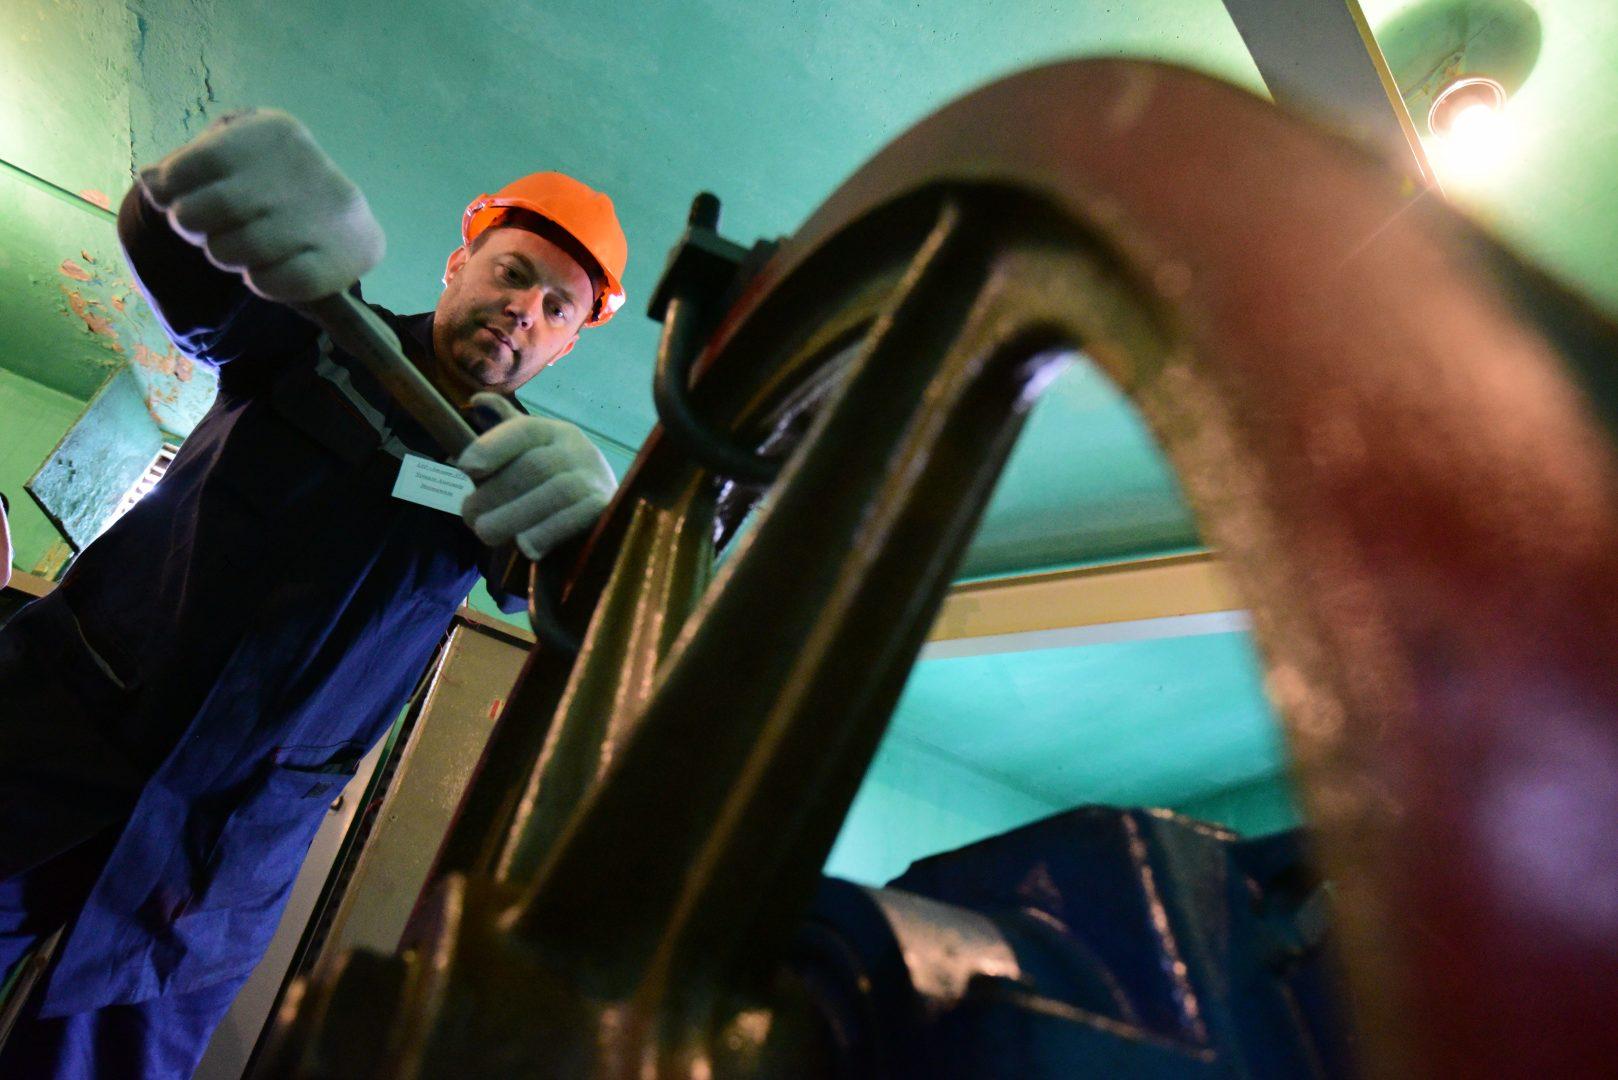 Капитальный ремонт подъездов жилых нескольких жилых домов проведут в Первомайском. Фото: архив, «Вечерняя Москва»